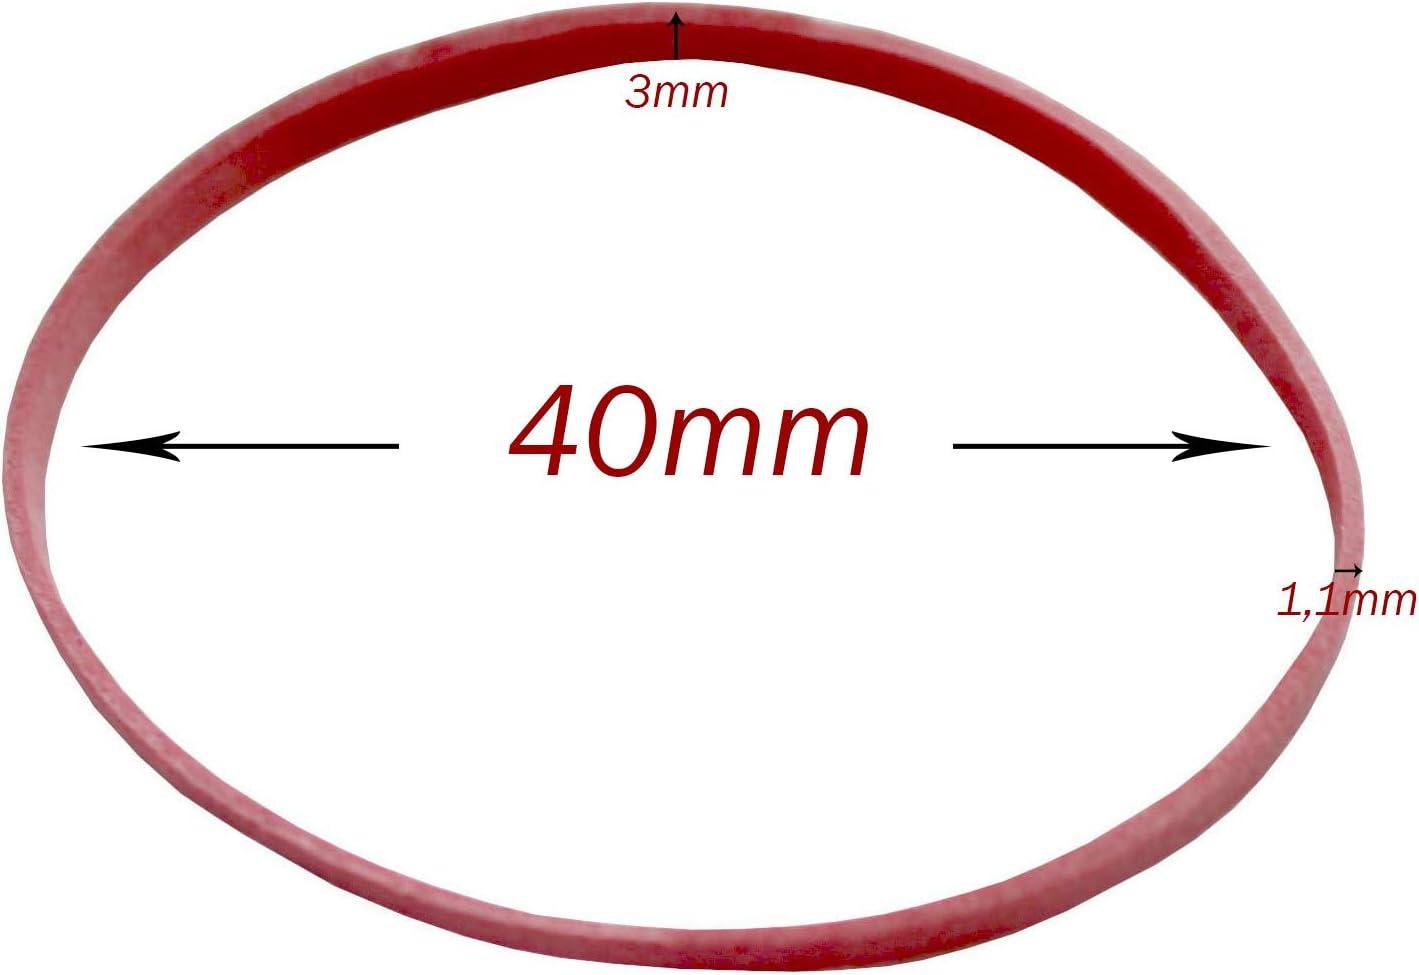 Gummib/änder-Ball Gummiringball Kugel aus Gummib/ändern Gummiringkugel /Ø40mm 1,2x3mm bunt Gummibandkugel mehrfarbig vielseitig verwendbar Gummikugel